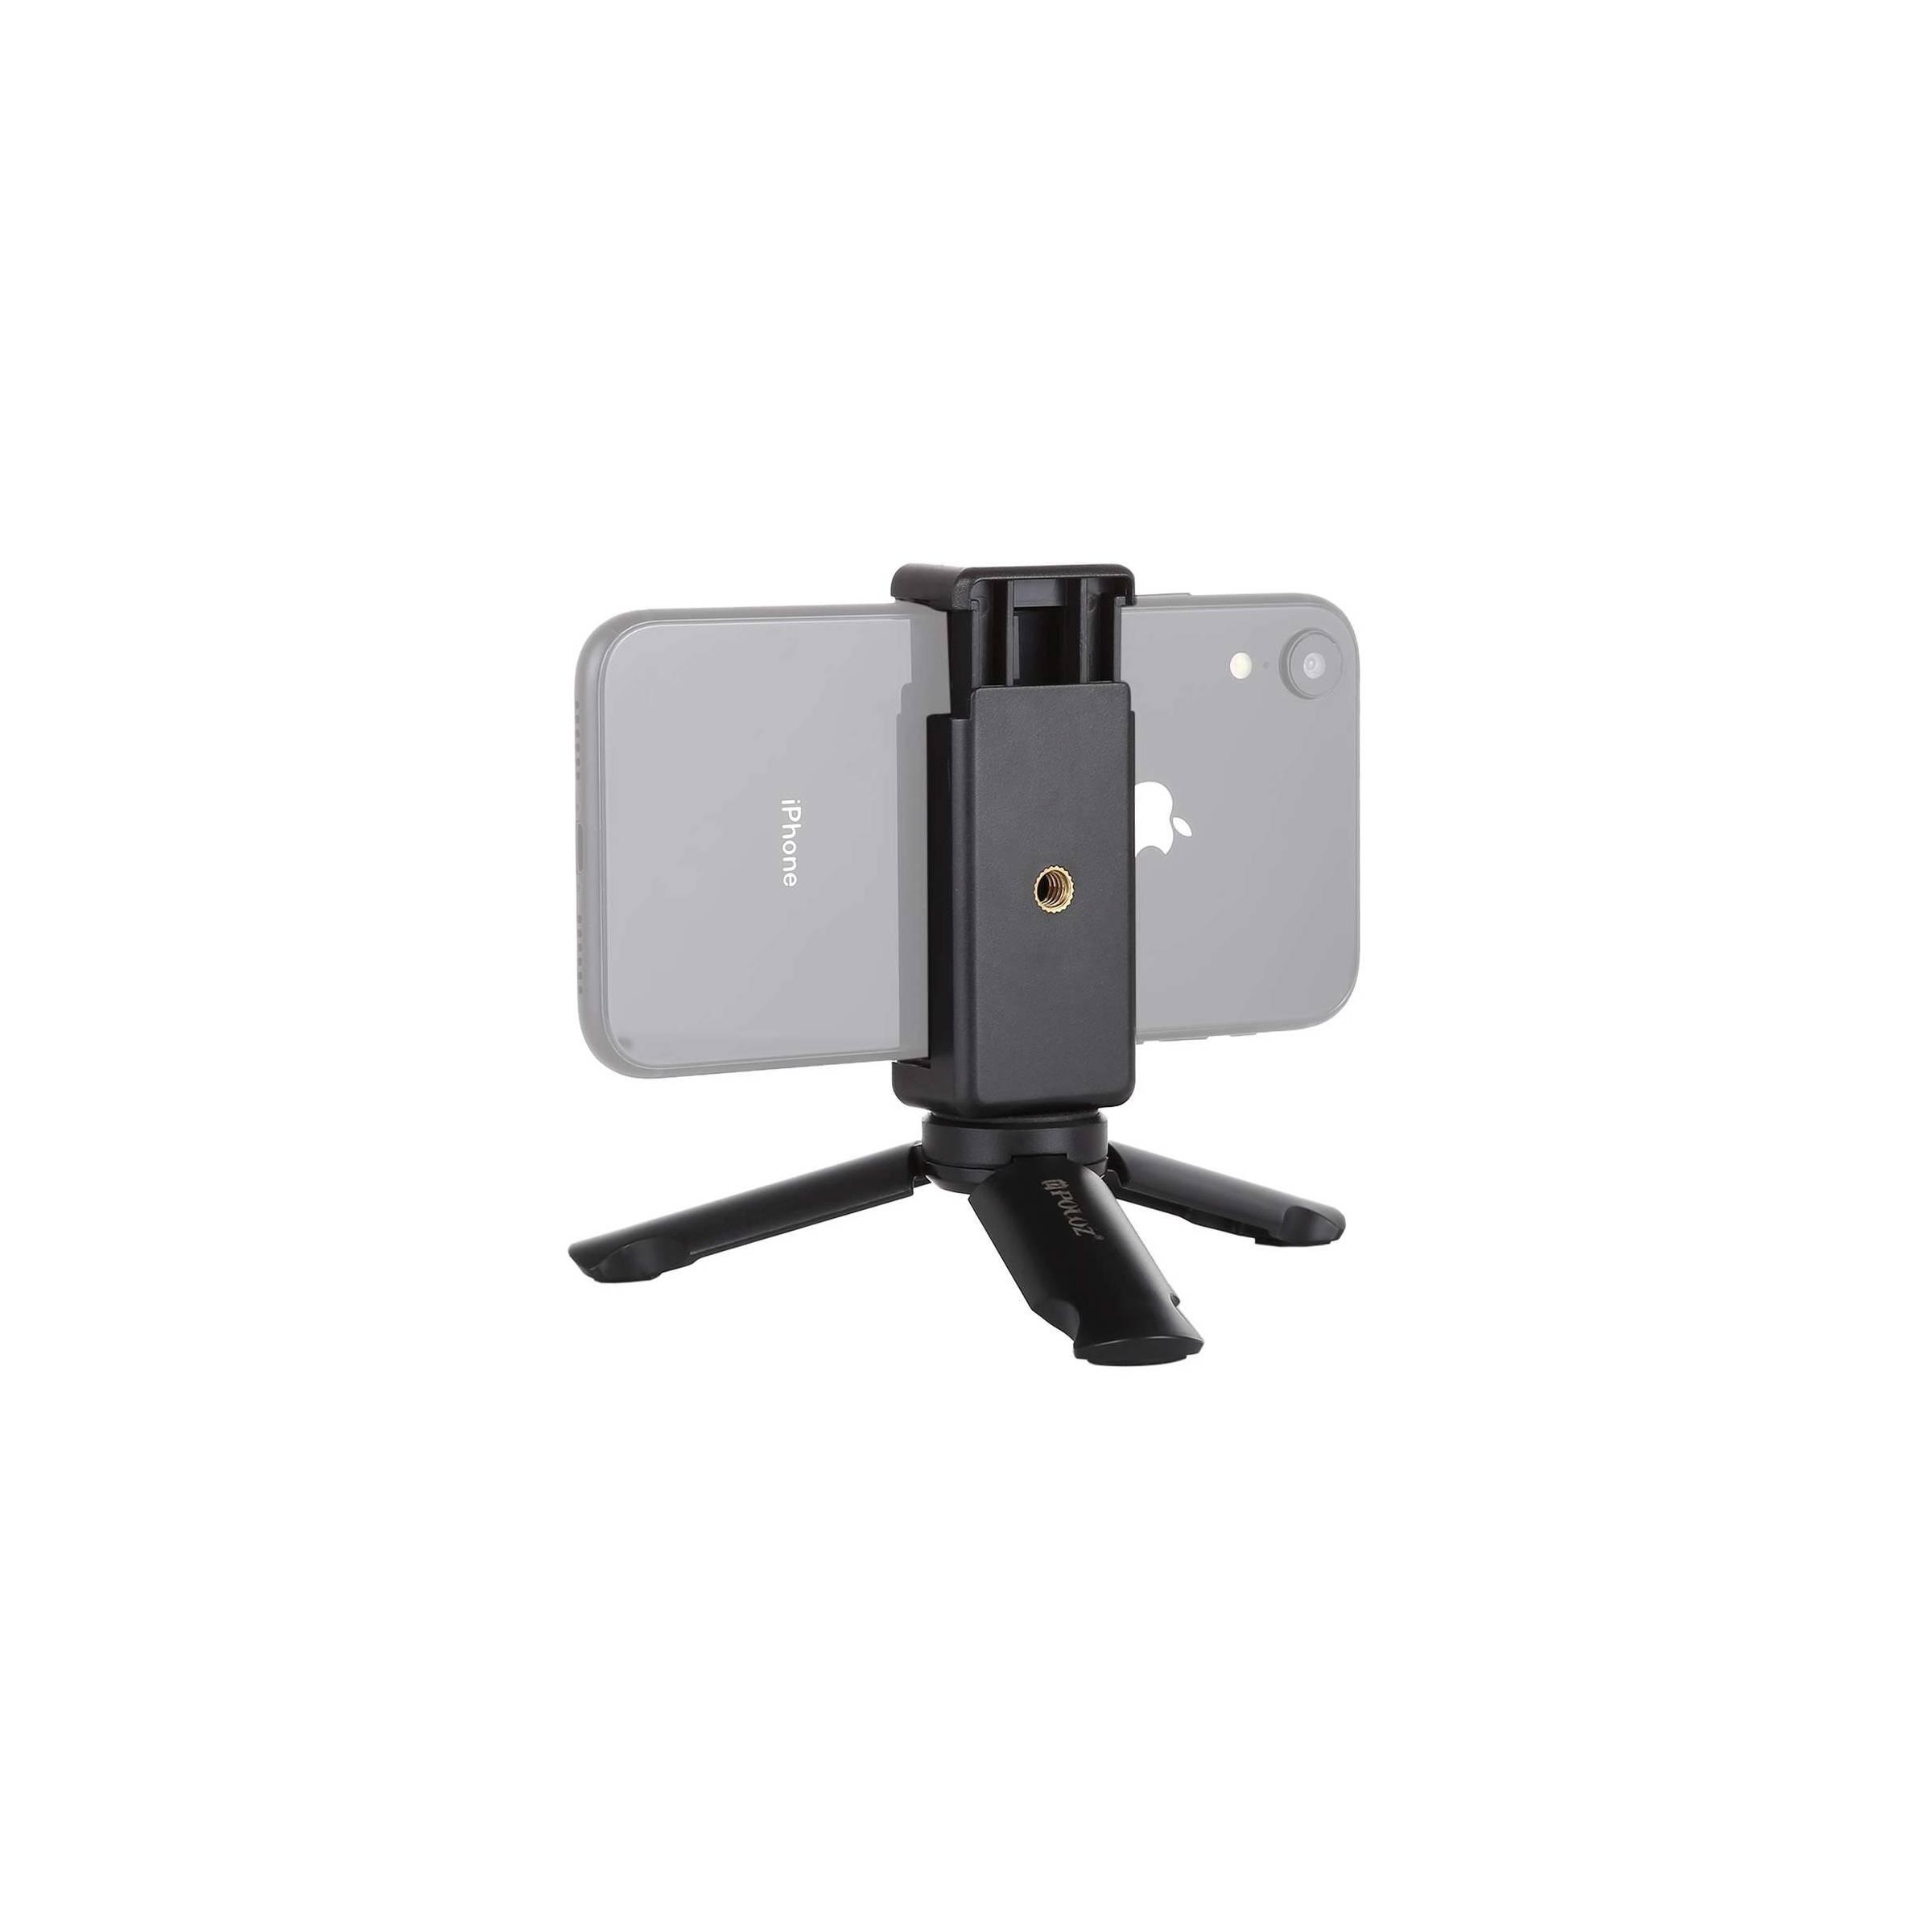 Stabil tripod med iphone holder fra puluz på mackabler.dk